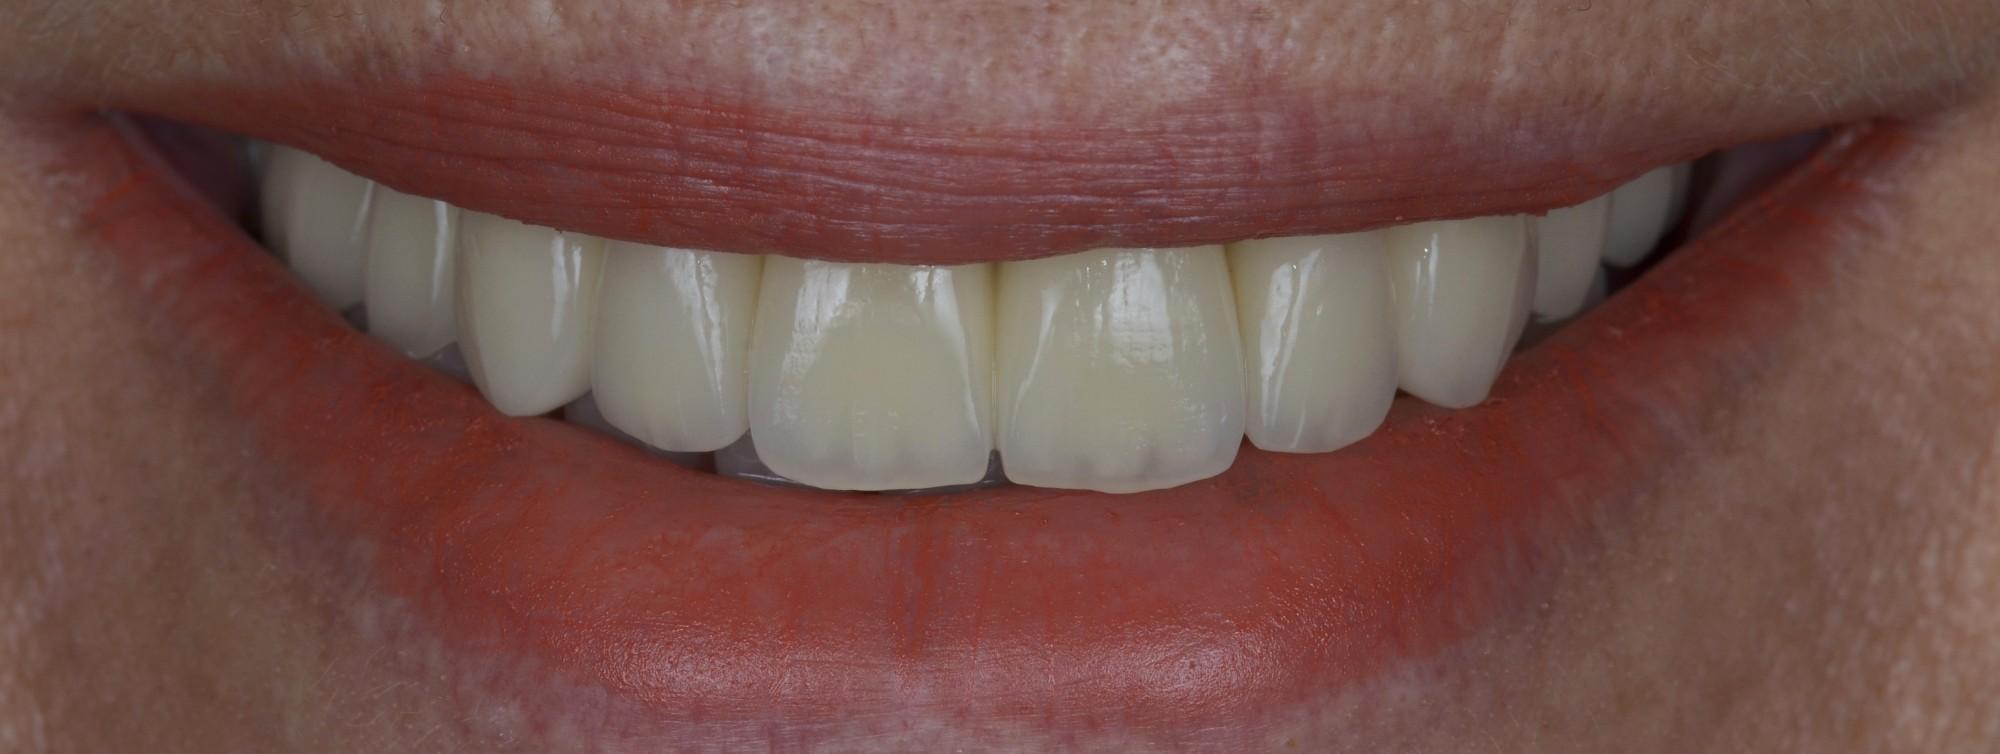 Bridge complet implantaire céramique (Technologie dentaire 2015 178/336_Dr G-Bianca Marseille/Dr P-Viret Vitrolles)